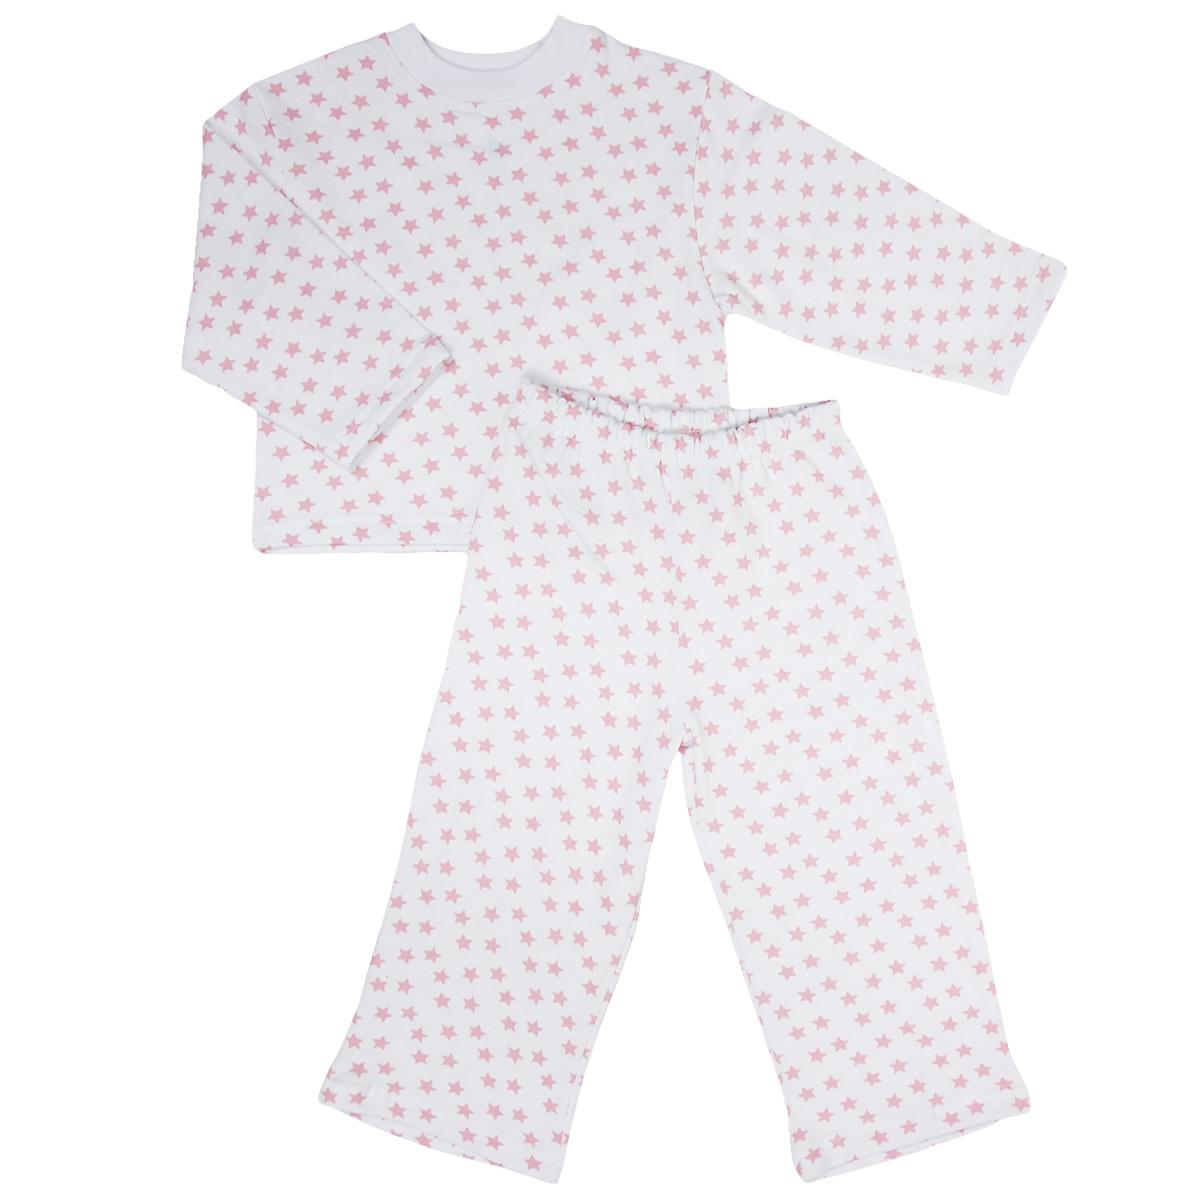 Пижама детская Трон-плюс, цвет: белый, розовый, рисунок звезды. 5553. Размер 134/140, 9-12 лет5553Яркая детская пижама Трон-плюс, состоящая из кофточки и штанишек, идеально подойдет вашему малышу и станет отличным дополнением к детскому гардеробу. Теплая пижама, изготовленная из набивного футера - натурального хлопка, необычайно мягкая и легкая, не сковывает движения ребенка, позволяет коже дышать и не раздражает даже самую нежную и чувствительную кожу малыша. Кофта с длинными рукавами имеет круглый вырез горловины. Штанишки на удобной резинке не сдавливают животик ребенка и не сползают.В такой пижаме ваш ребенок будет чувствовать себя комфортно и уютно во время сна.